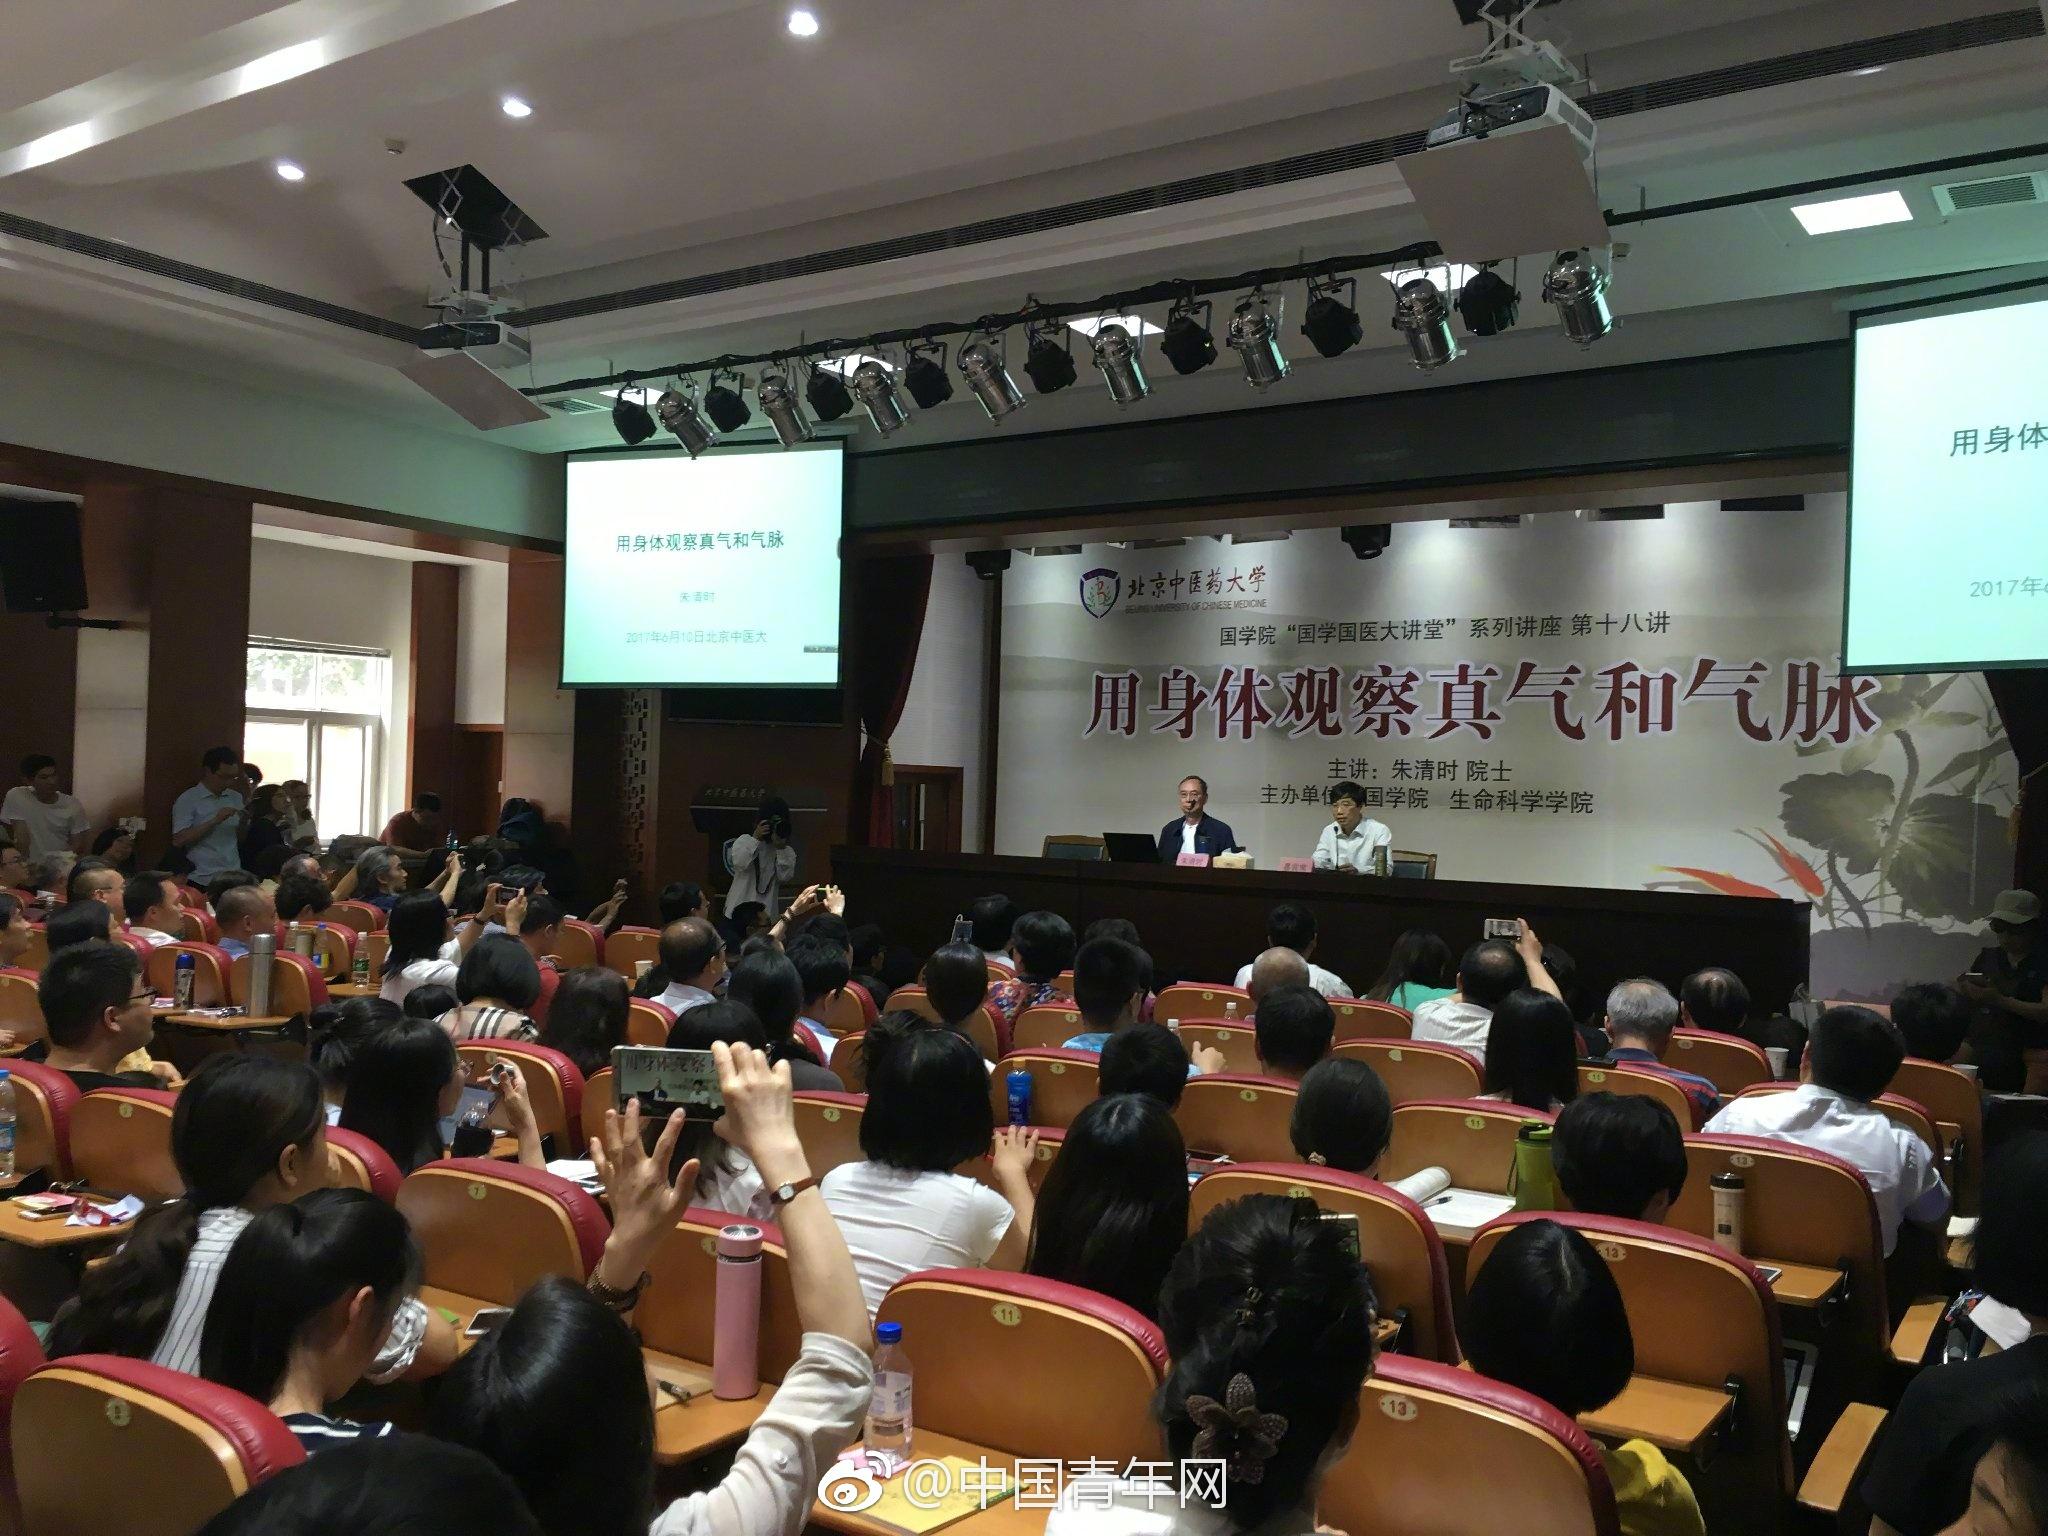 朱清时院士的讲座受到了欢迎。图源:中国青年网